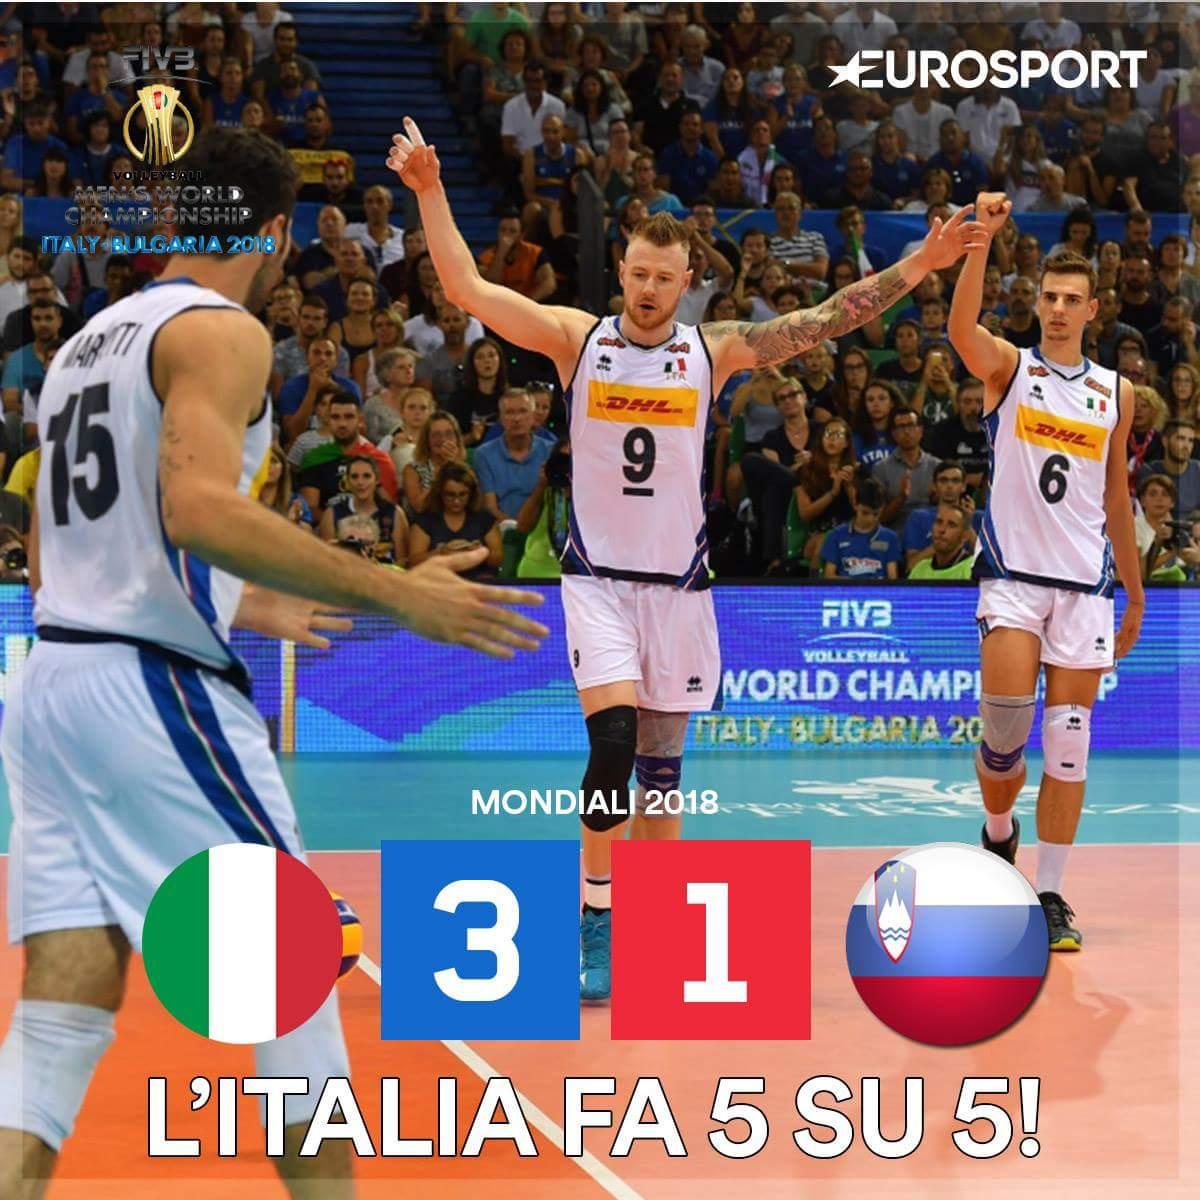 #ItaliaSlovenia